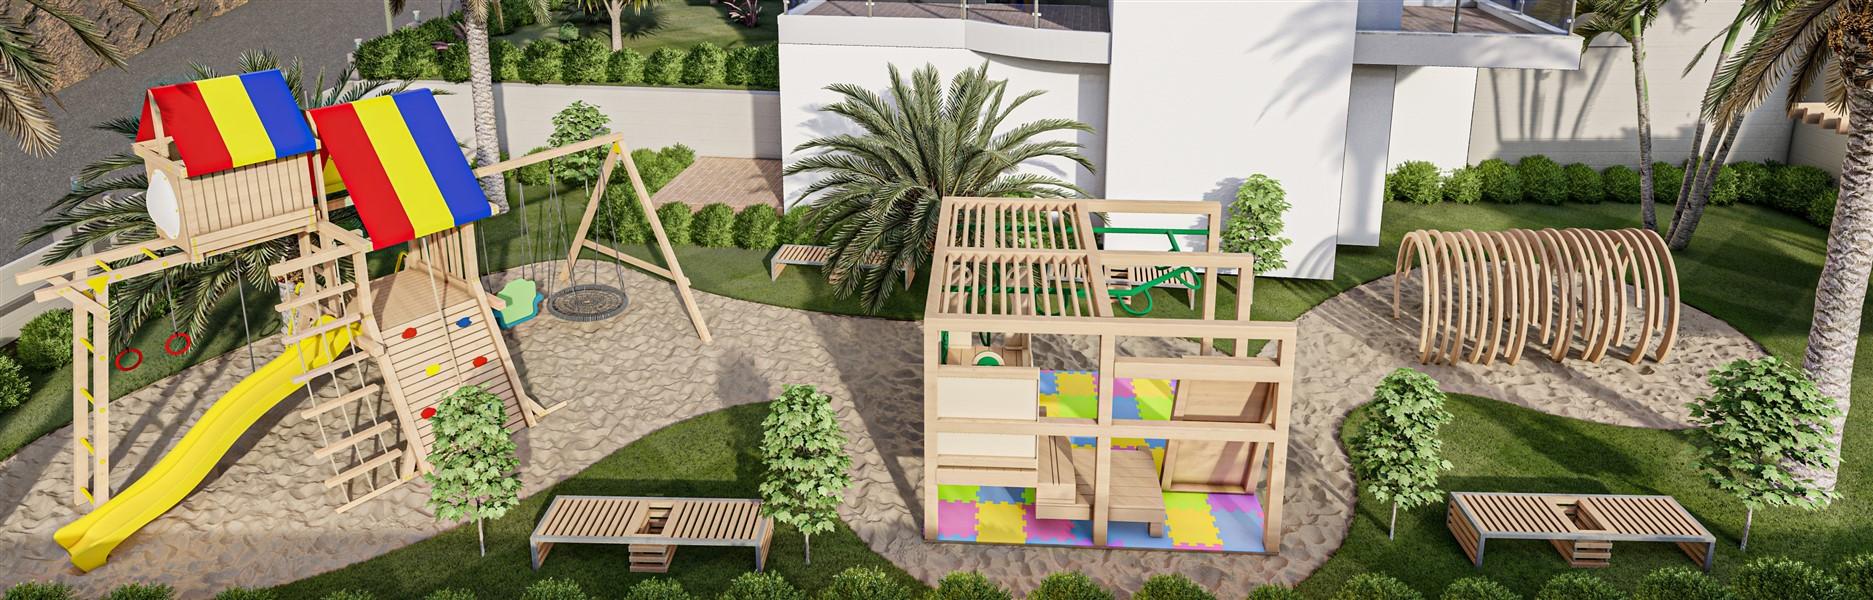 Элитный проект жилого комплекса в районе Махмутлар - Фото 19